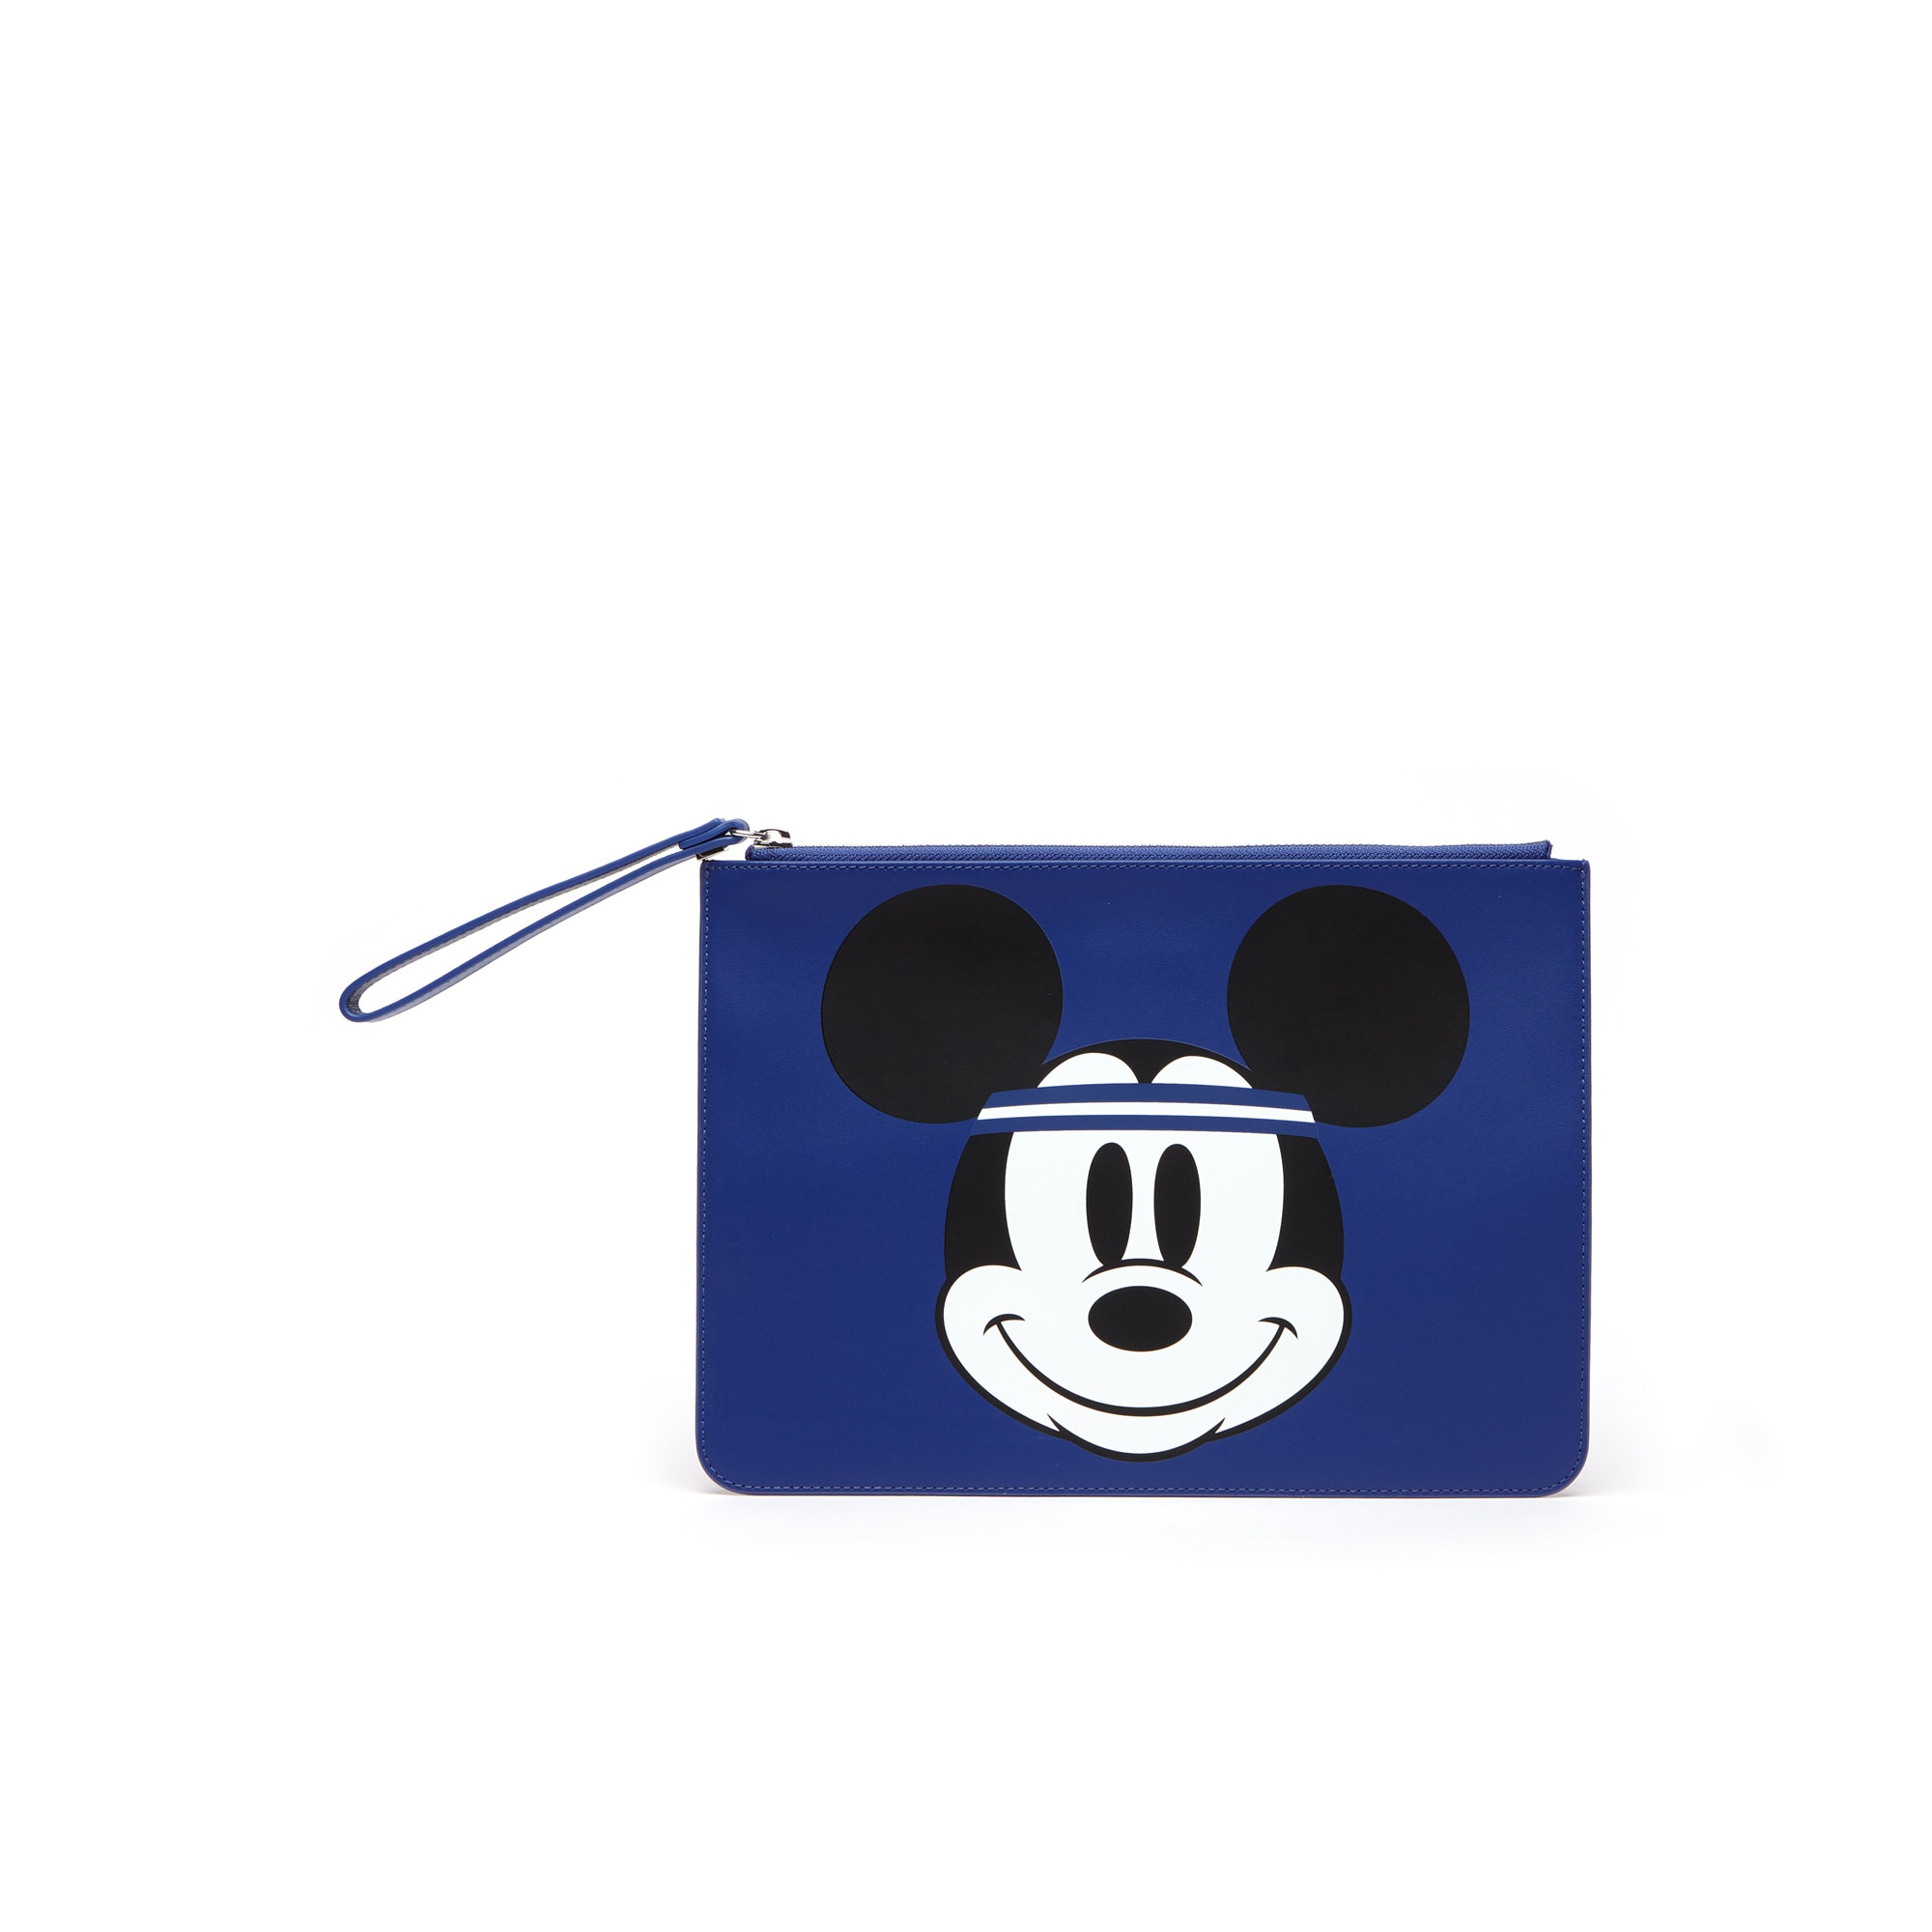 Cartera De Mujer Disney Holiday Collector En Piel Con Estampado De Minnie Y Cremallera